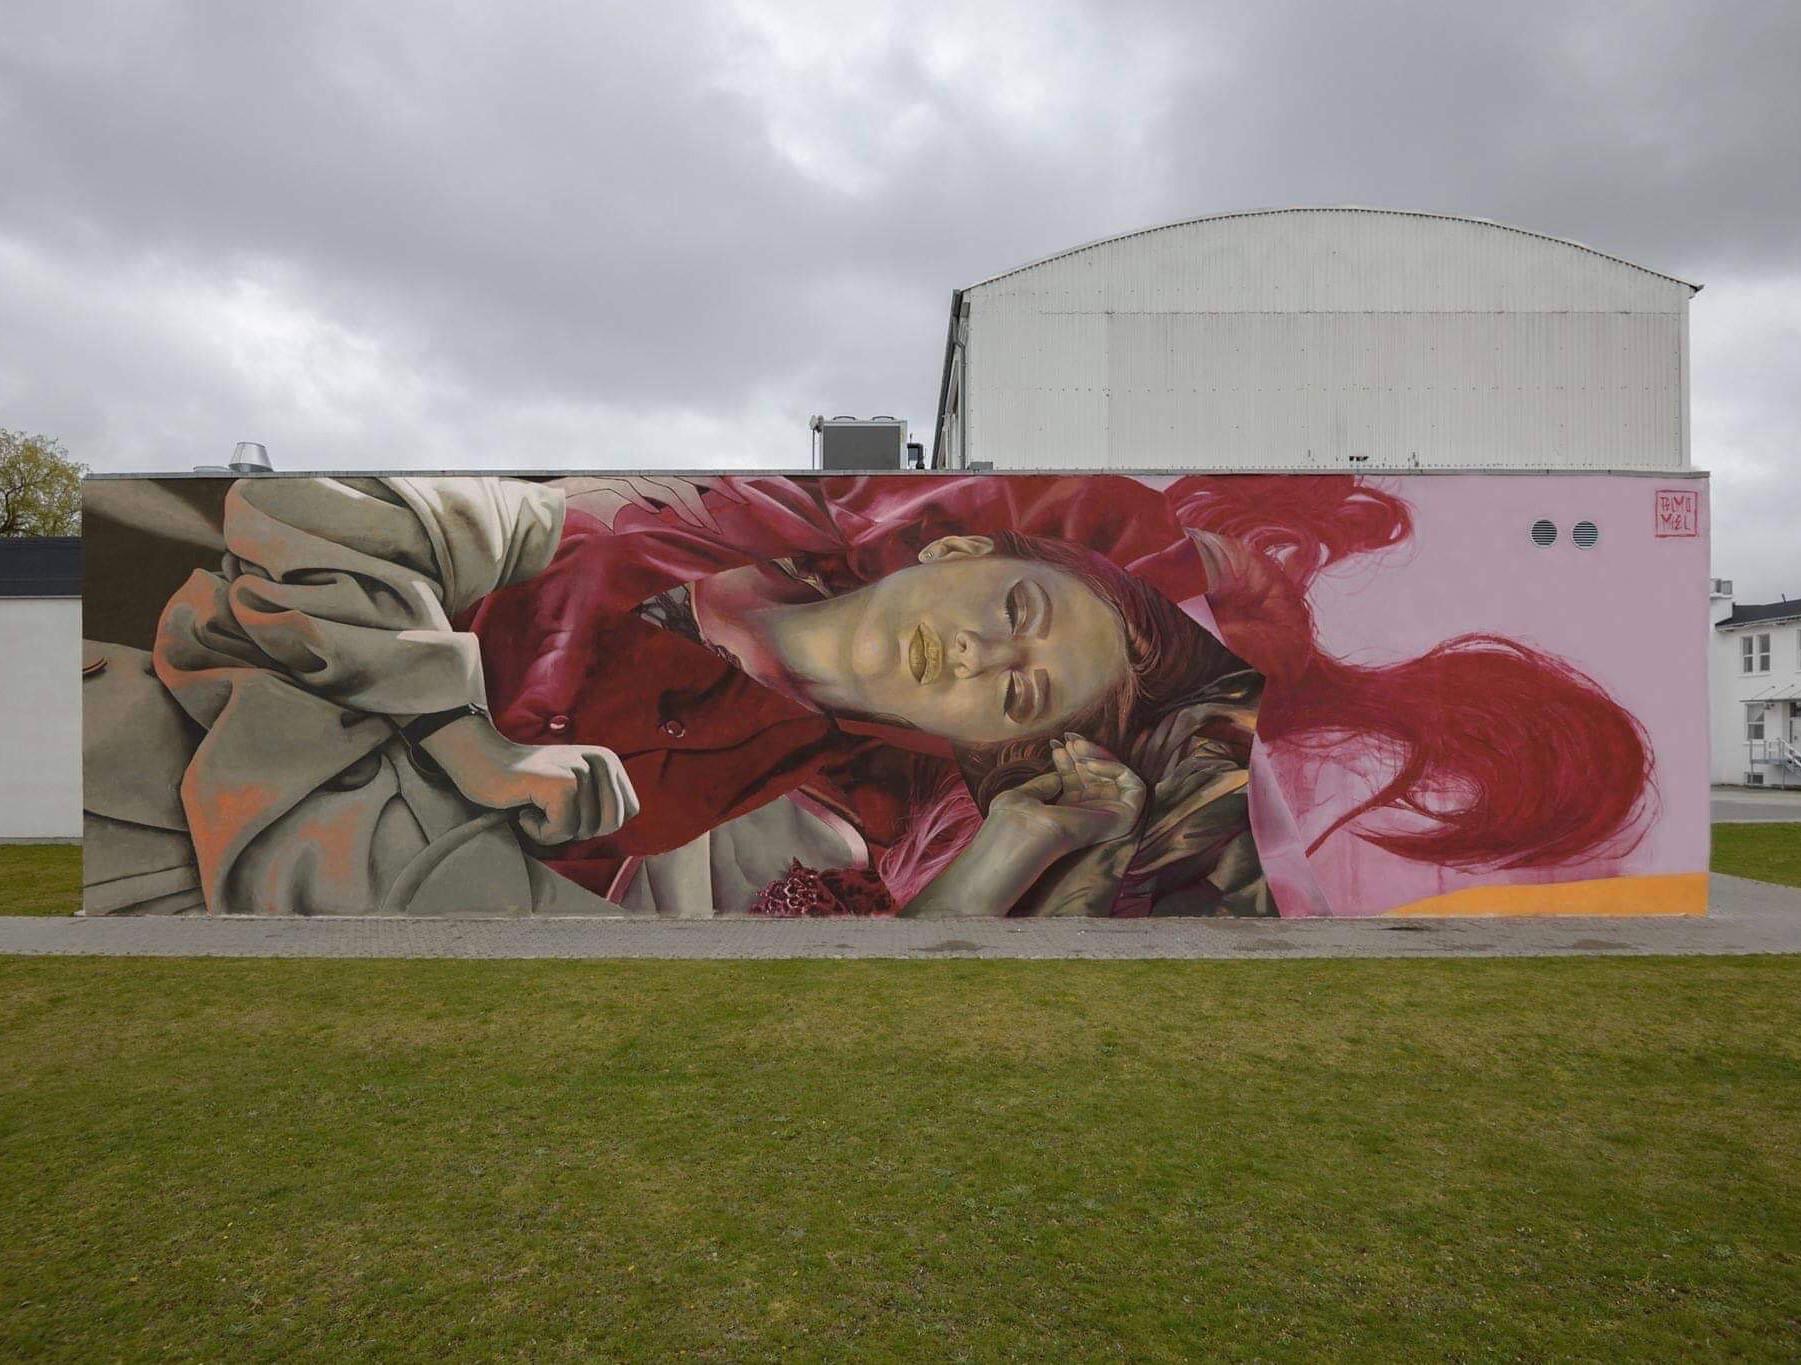 Mere Street Art: Internationale kunstnere maler nyt gavlmaleri i Aalborg